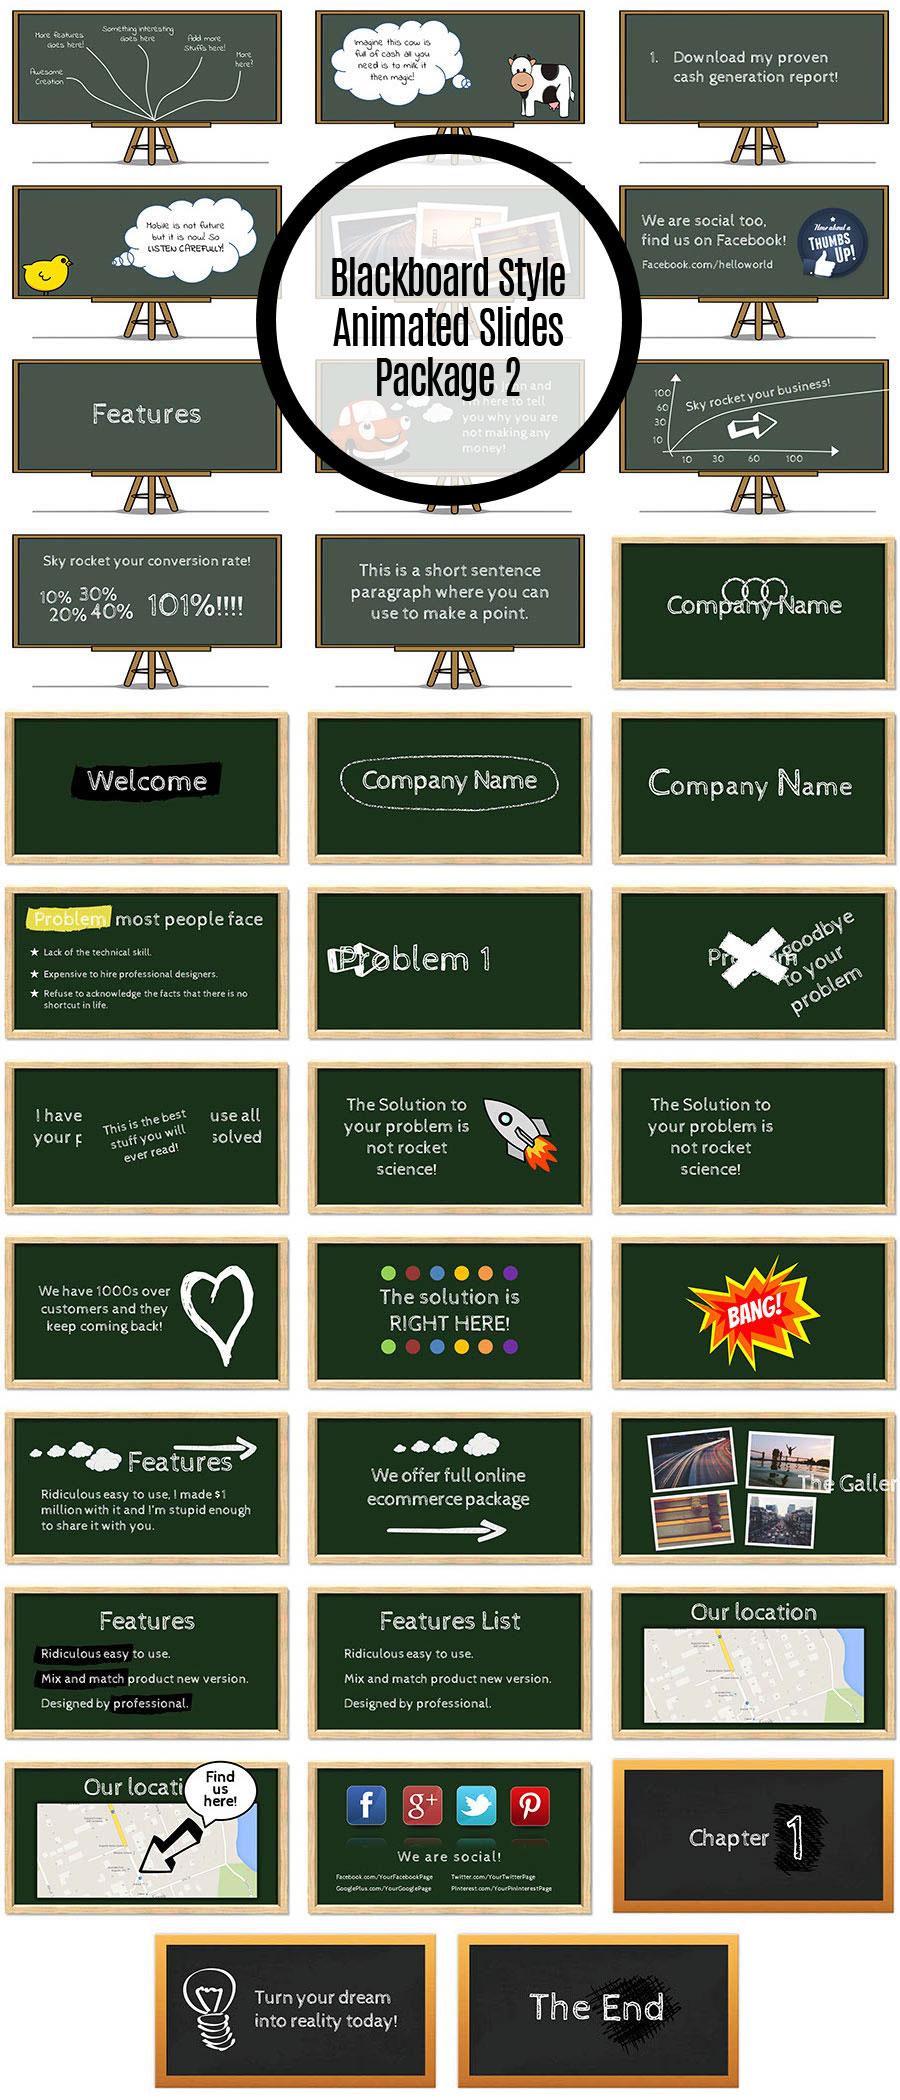 Blackboard Style Package 2